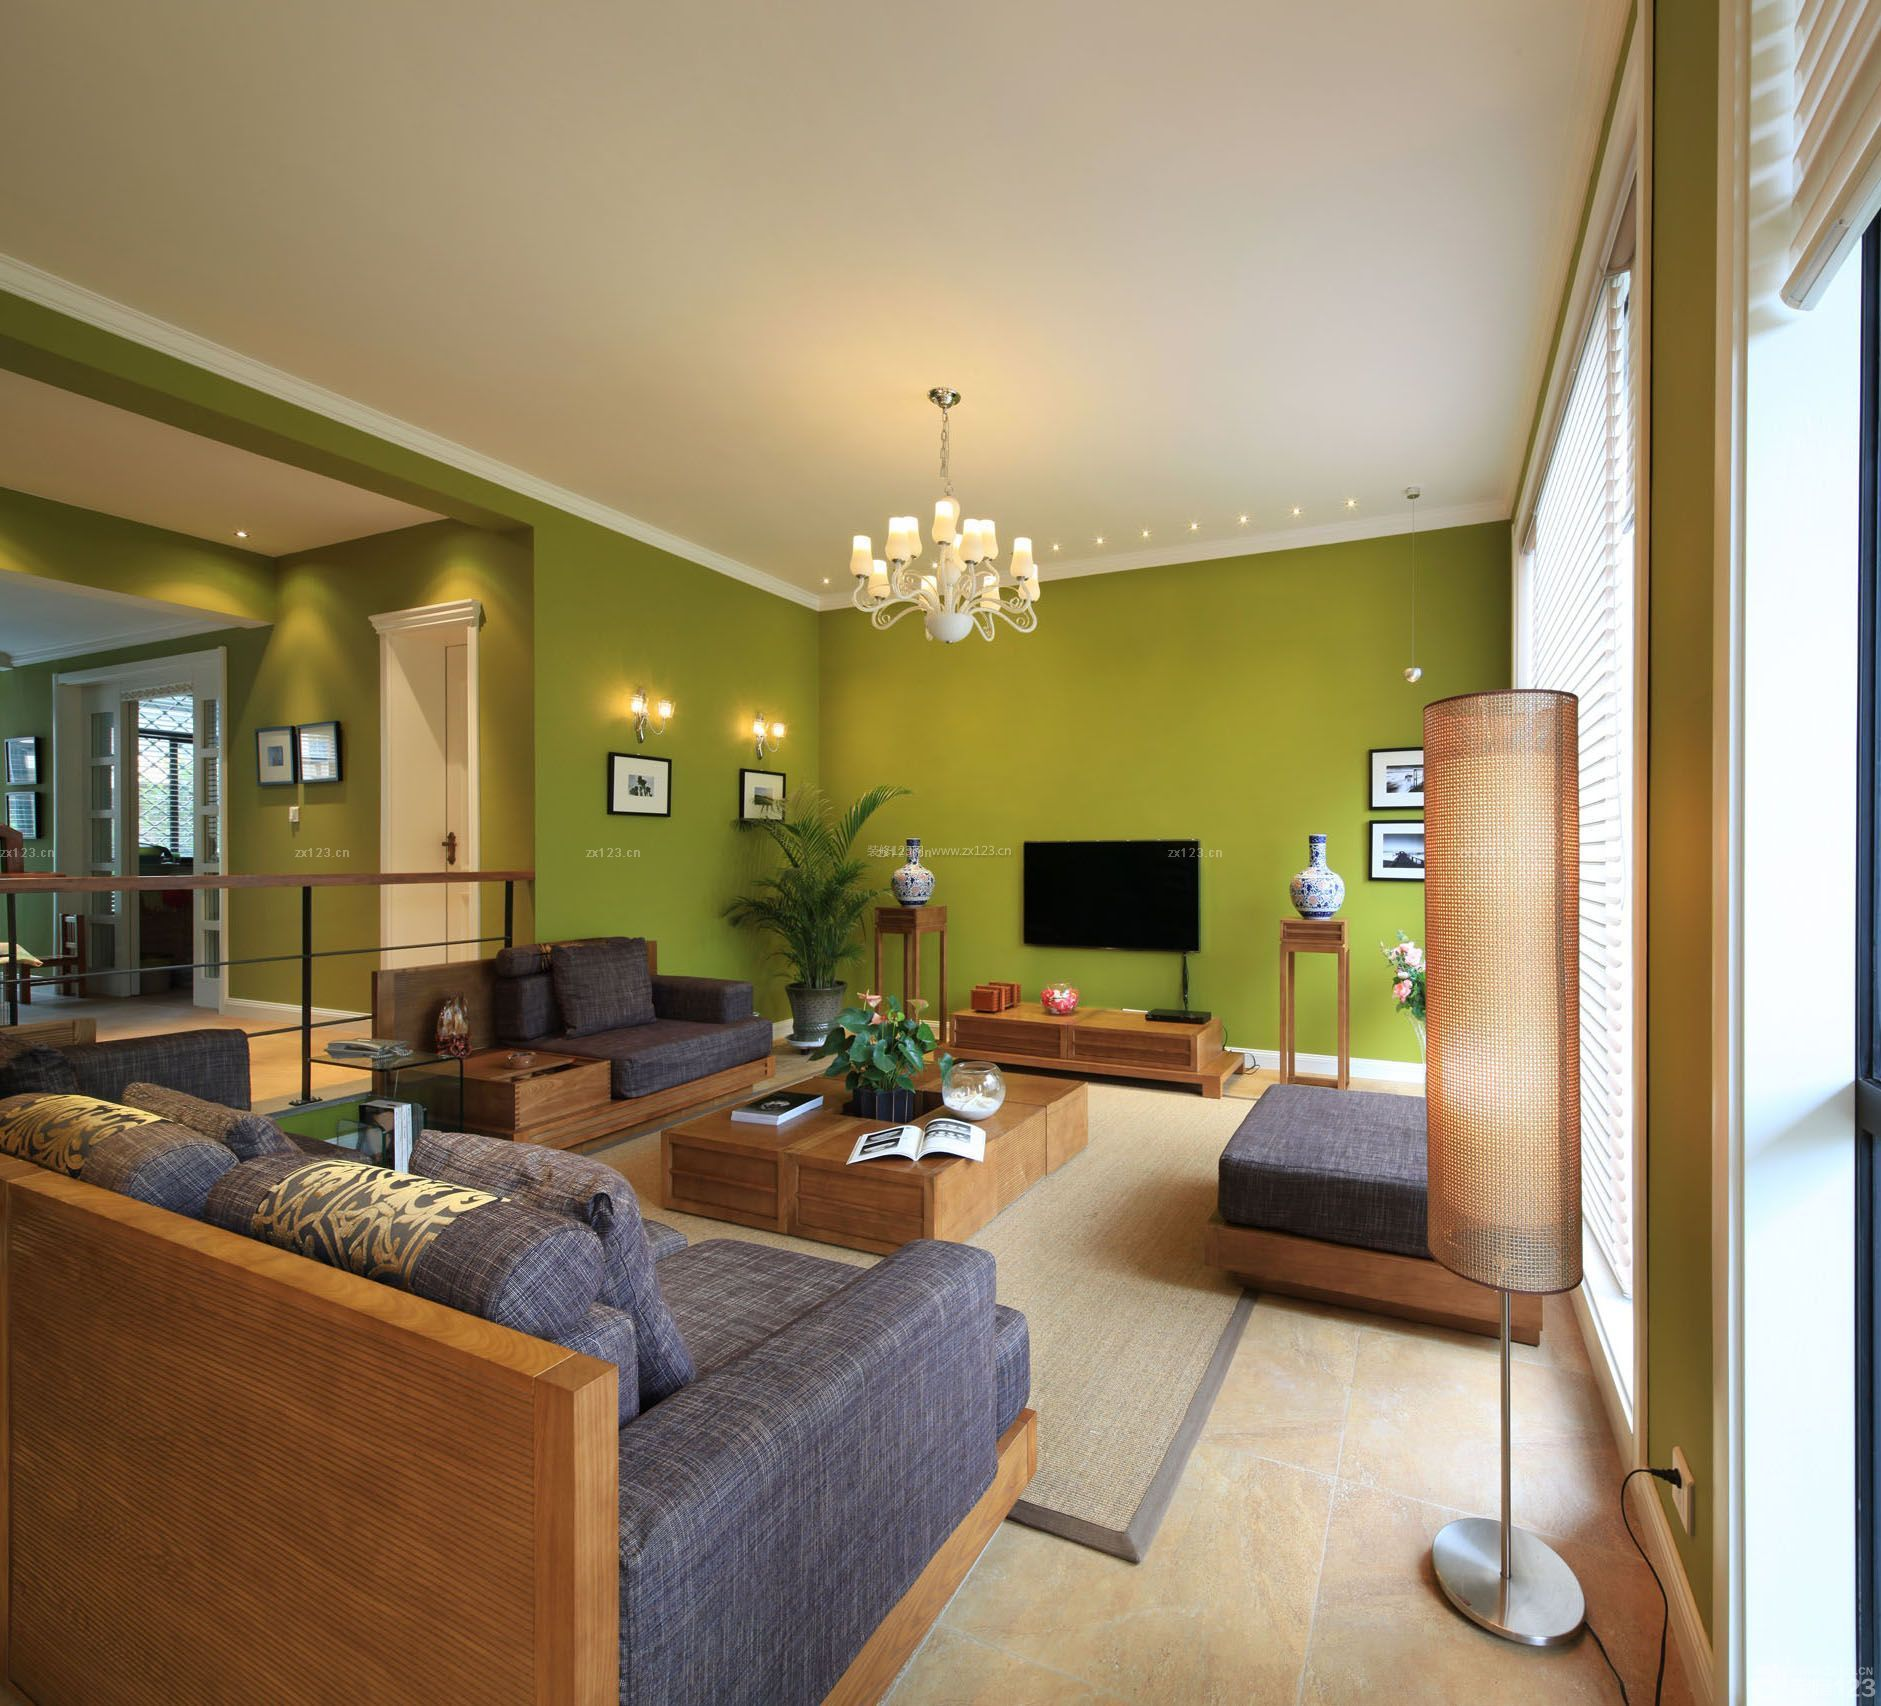 90平米复式小户型客厅装修图片大全图片